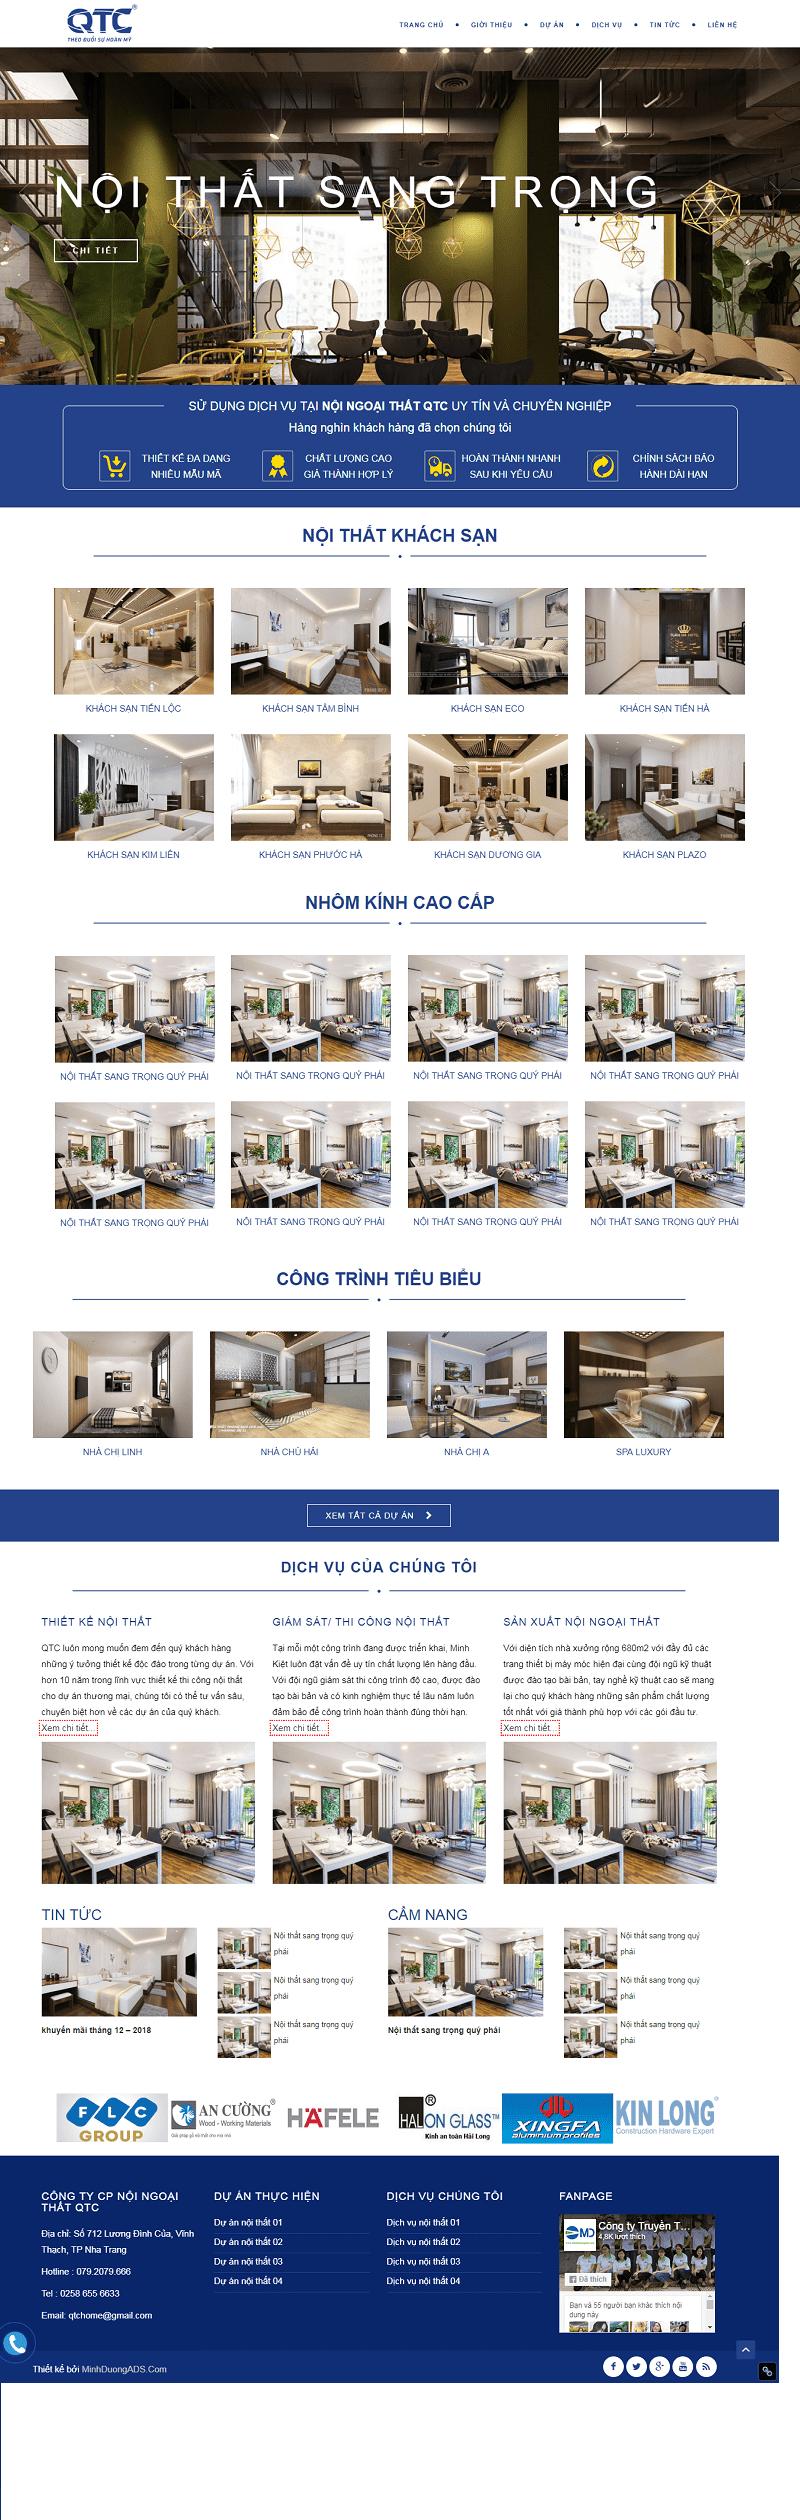 Thiết kế web tư vấn nội thất